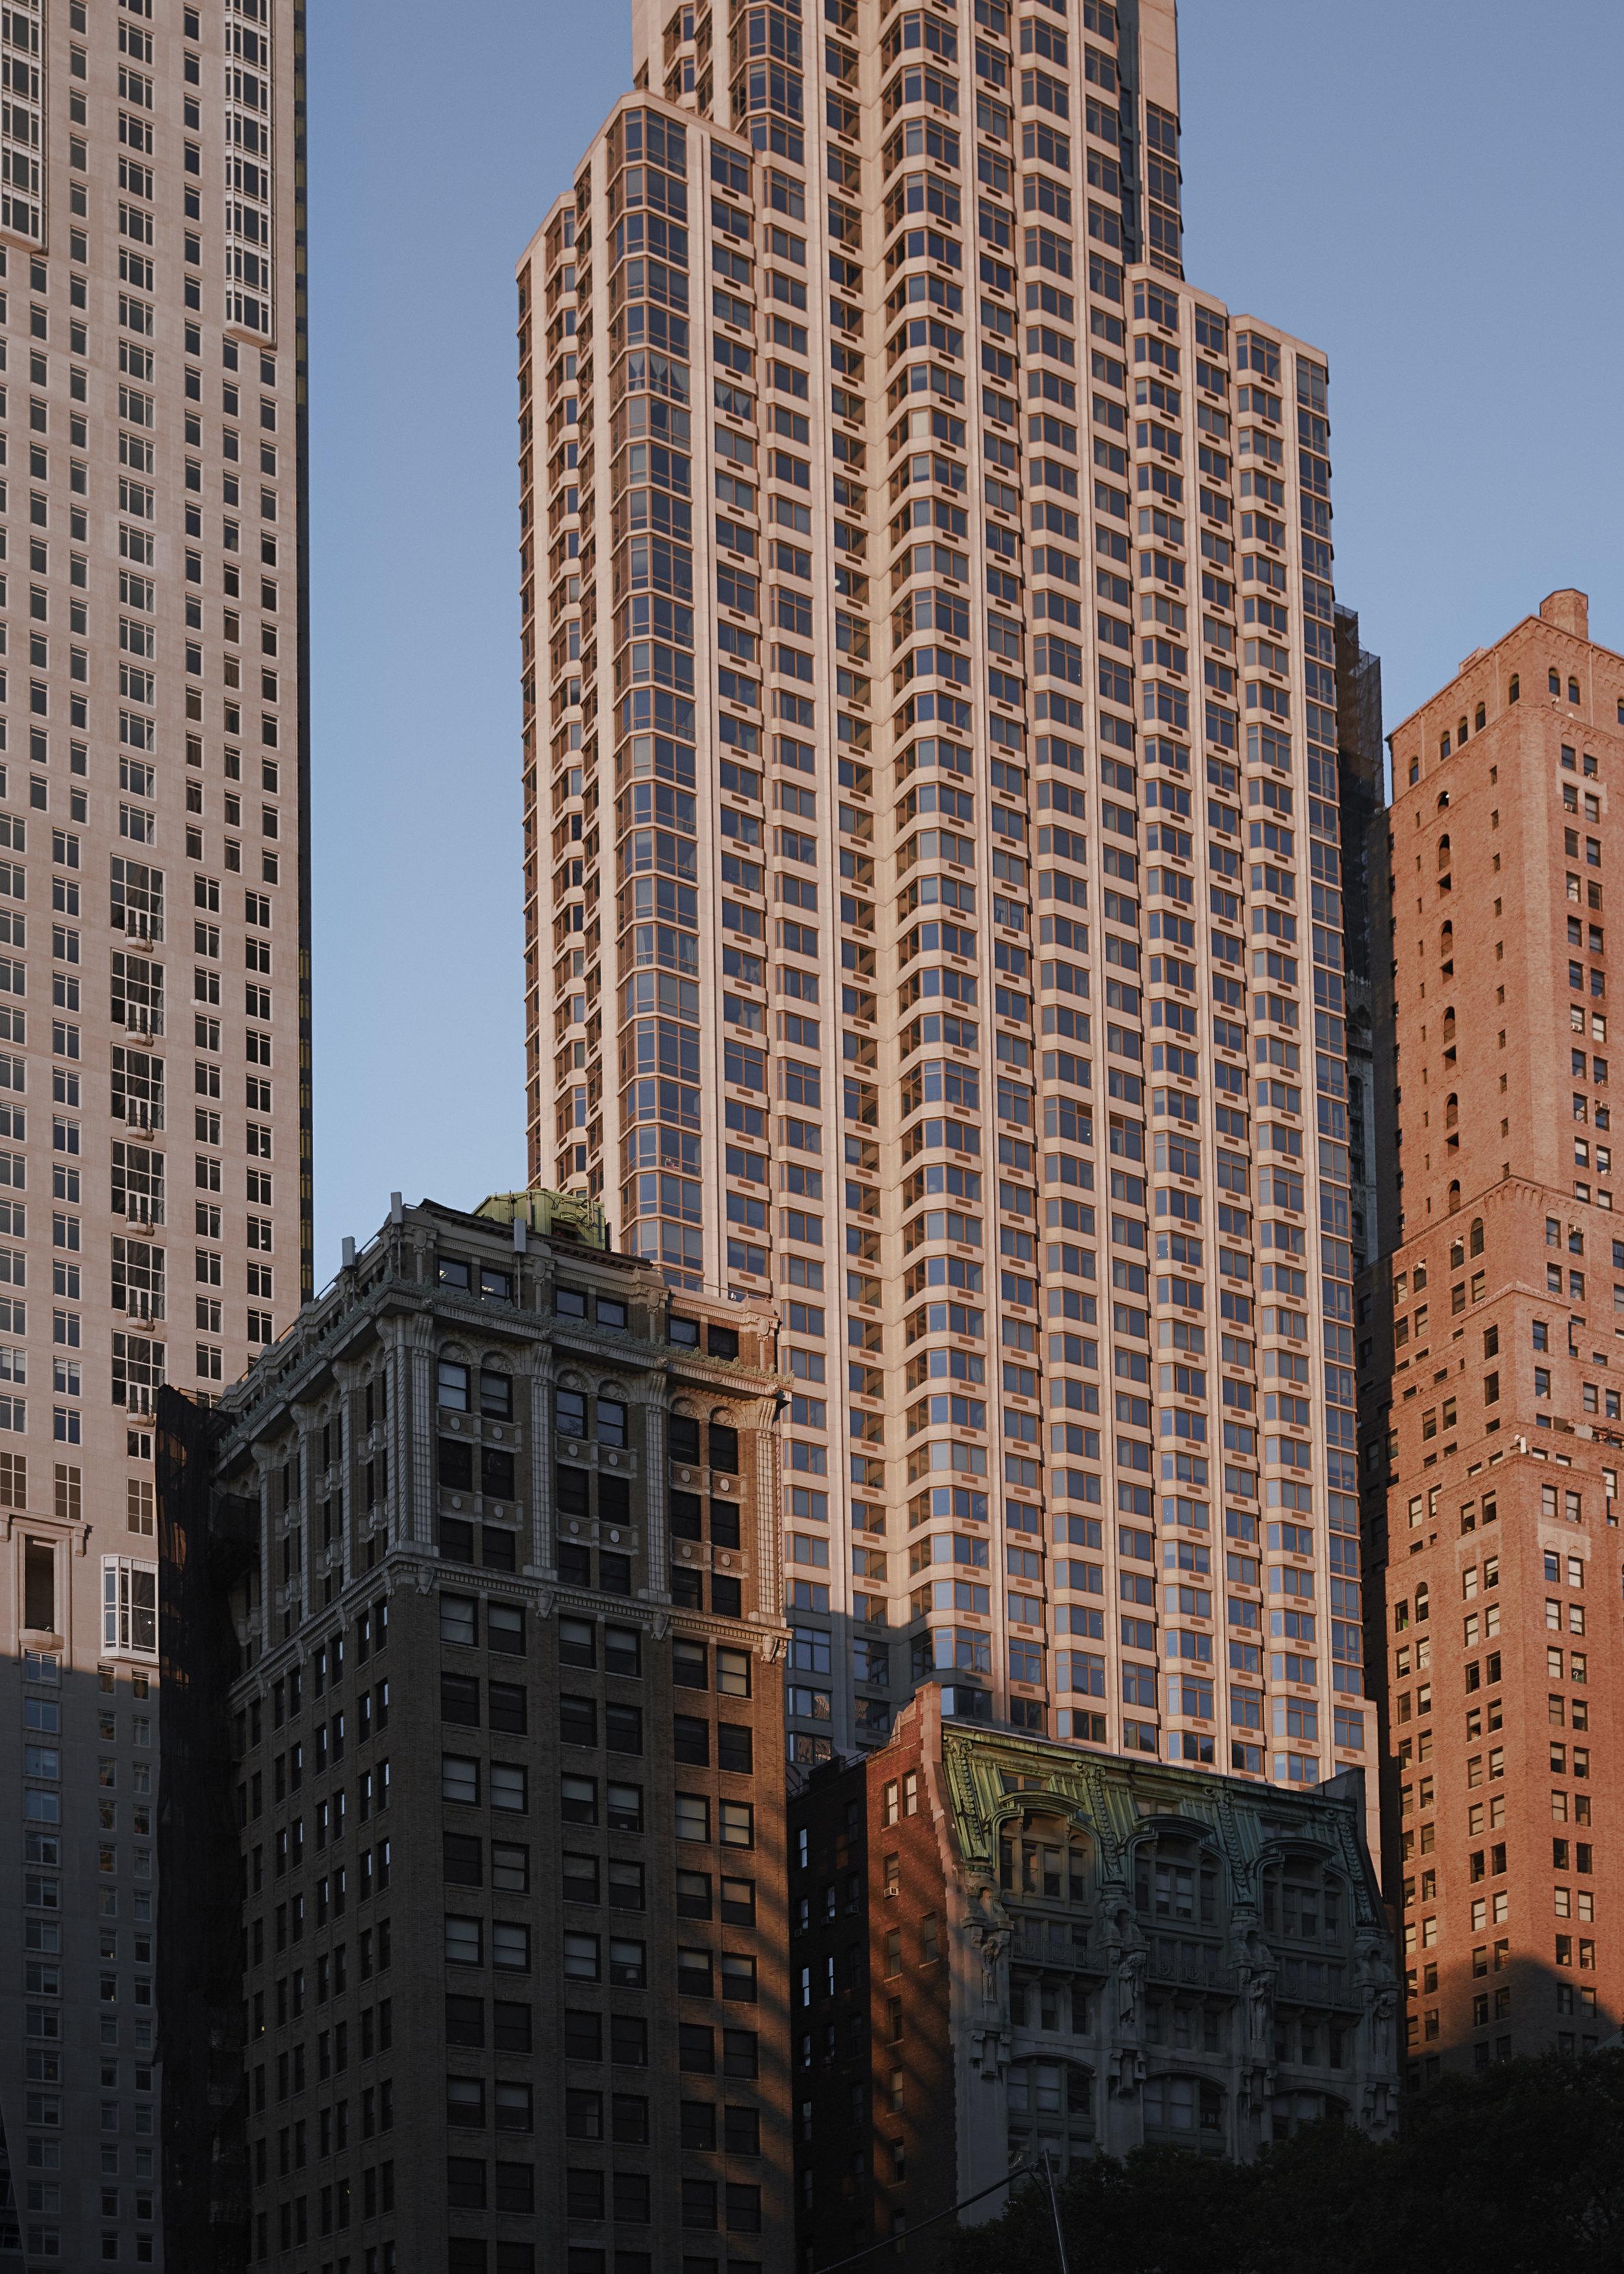 NY Buidlings.jpg